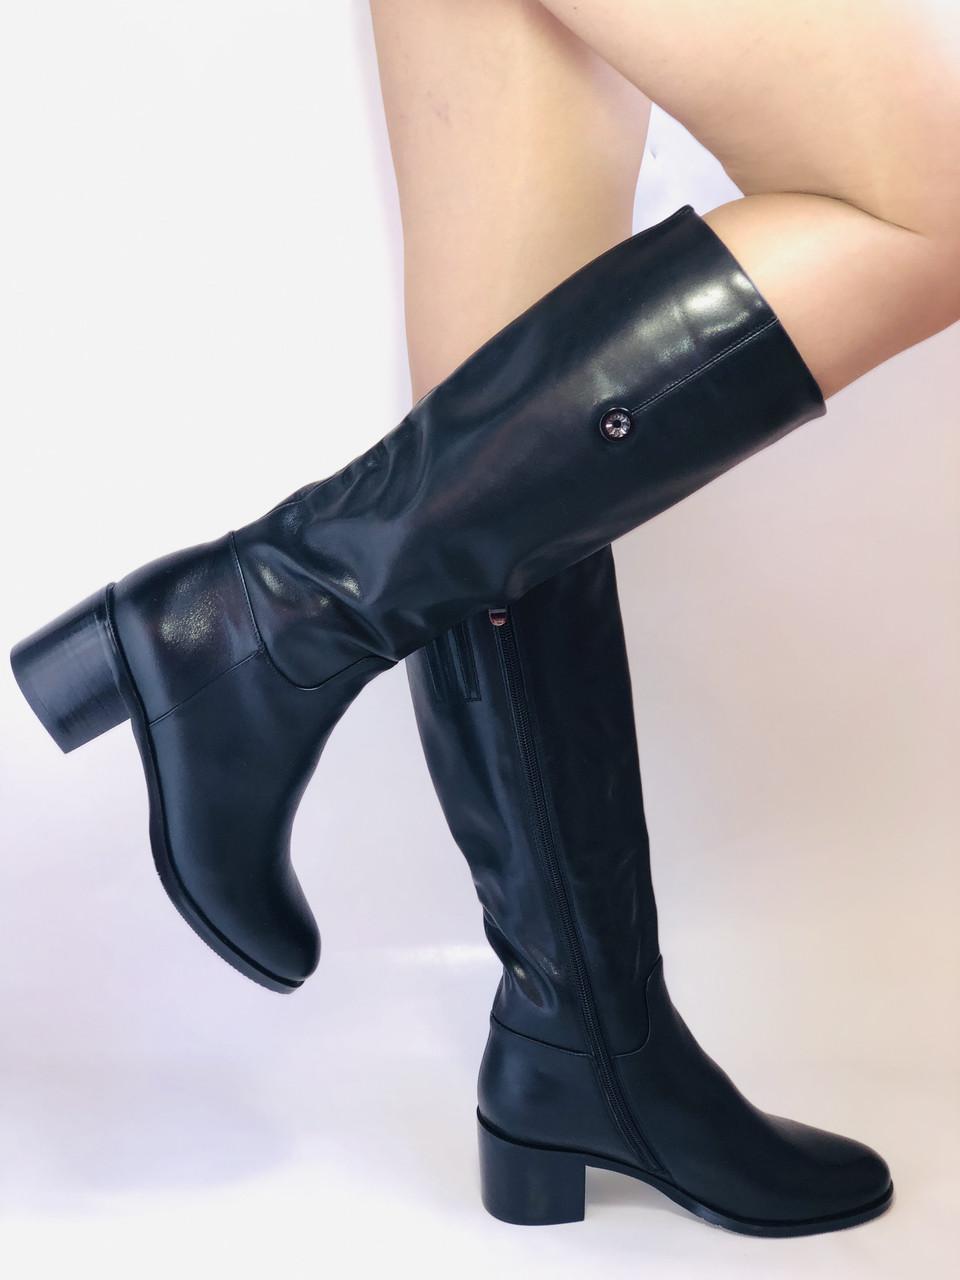 Жіночі осінньо-весняні чобітки на середньому каблуці. Натуральна шкіра. Люкс якість. Molka. Р. 37.38.39